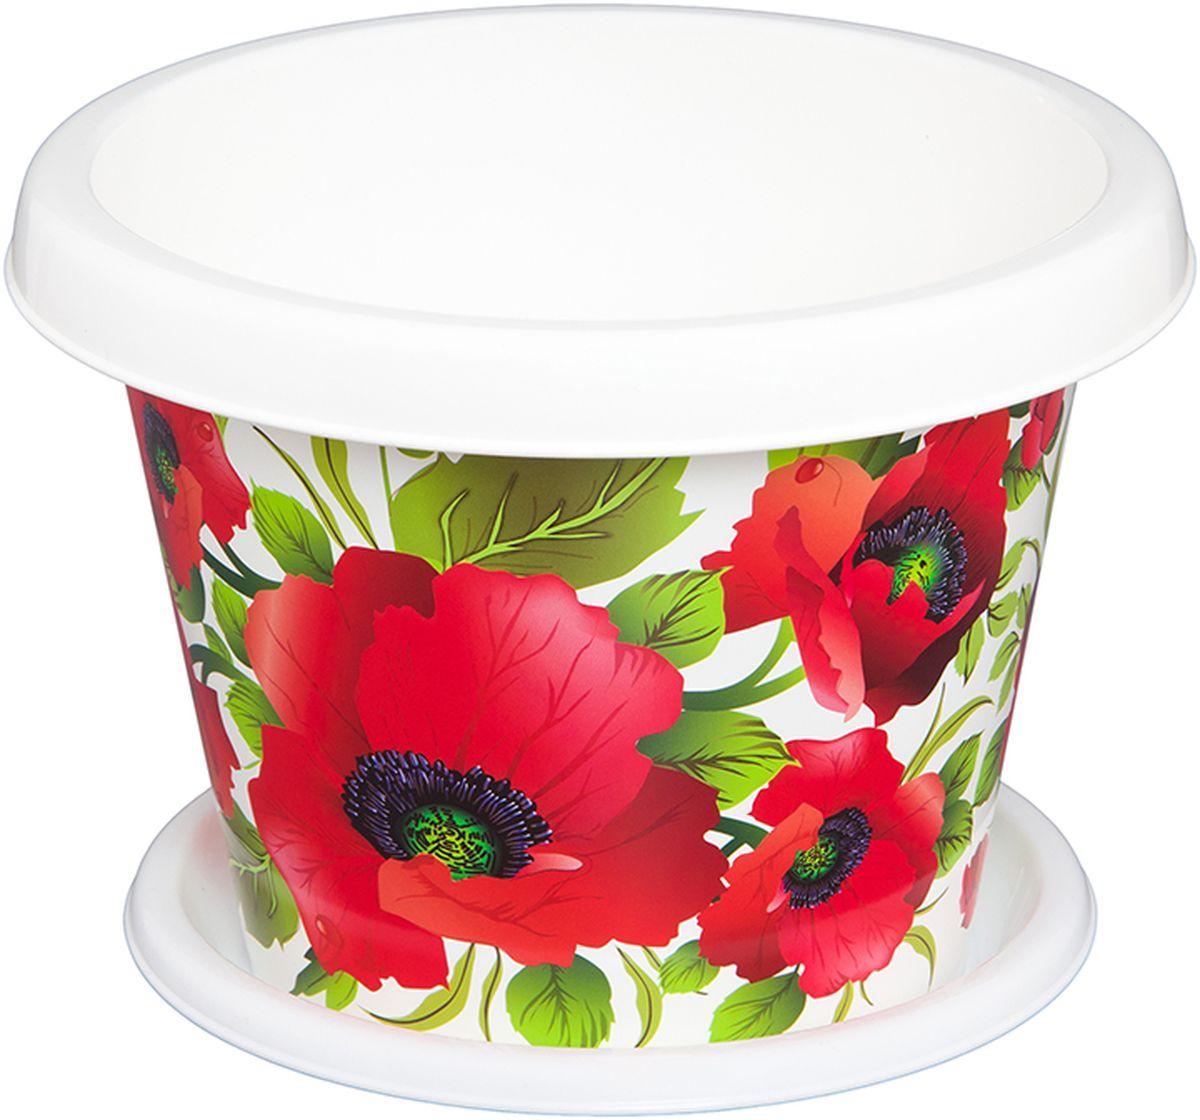 Кашпо Violet Маки, с поддоном, 4 л811177Кашпо Violet изготовлено из высококачественного пластика. Специальный поддон предназначен для стока воды. Изделие прекрасно подходит для выращивания растений и цветов в домашних условиях. Лаконичный дизайн впишется в интерьер любого помещения.